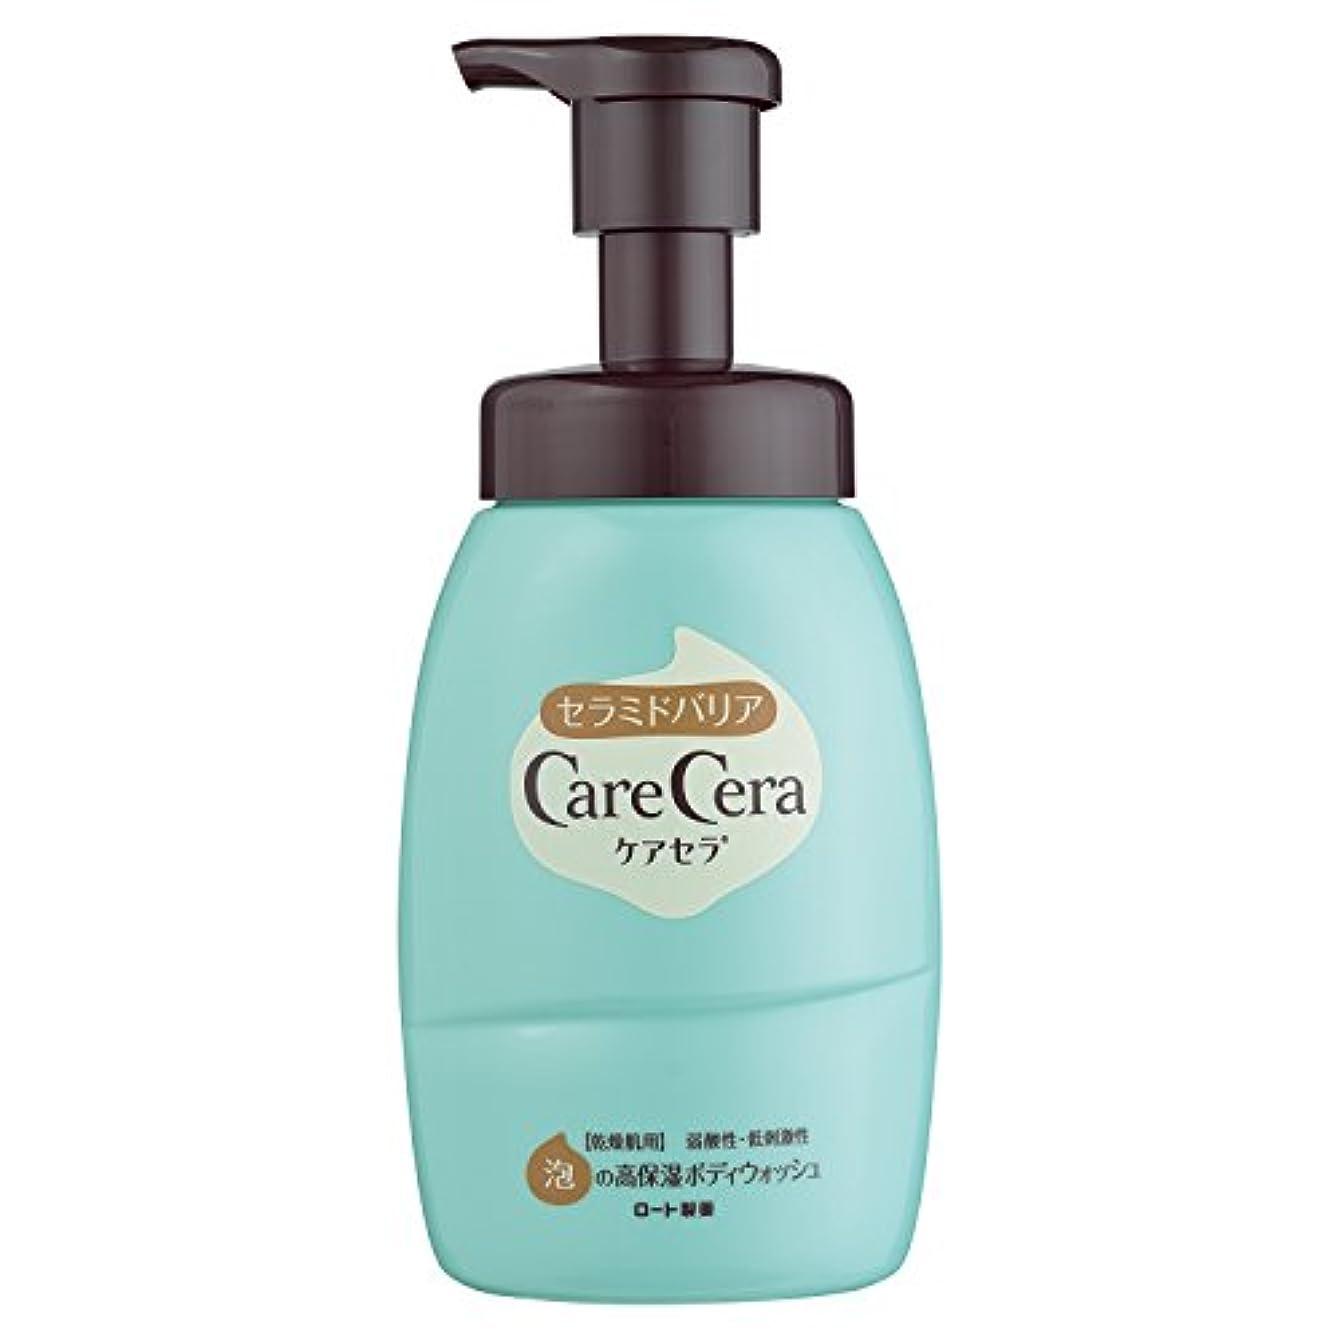 研磨剤協力的平均ロート製薬 ケアセラ 天然型セラミド7種配合 セラミド濃度10倍泡の高保湿 全身ボディウォッシュ ピュアフローラルの香り 450mL